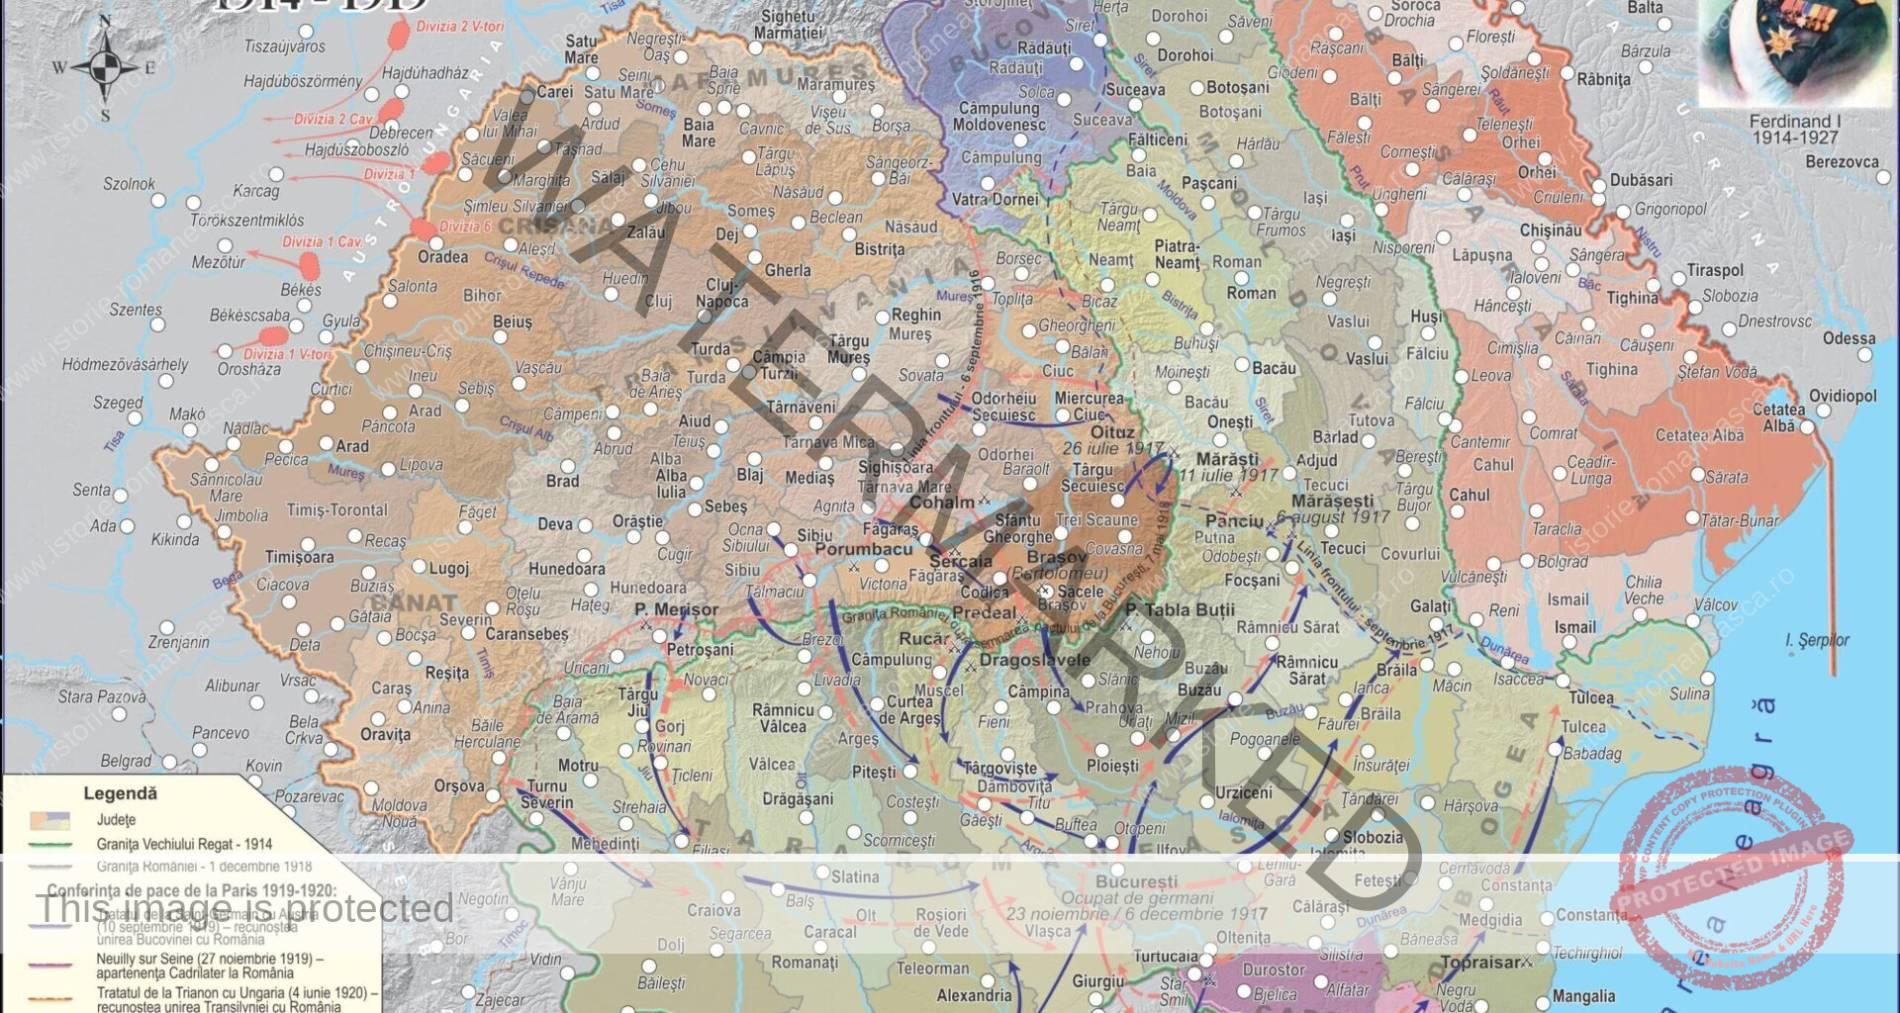 Evenimente politice și militare petrecute în spațiul românesc între anii 1914-1919